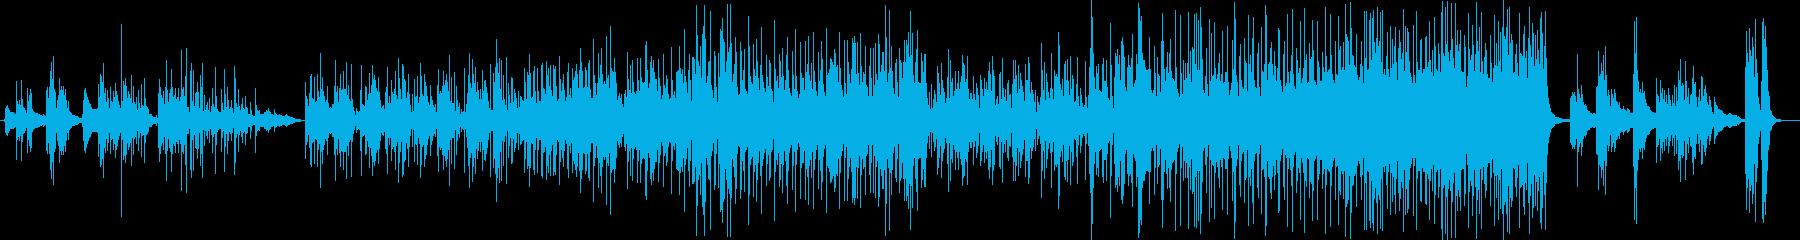 ラテン。スペイン語。ジプシーキングス。の再生済みの波形